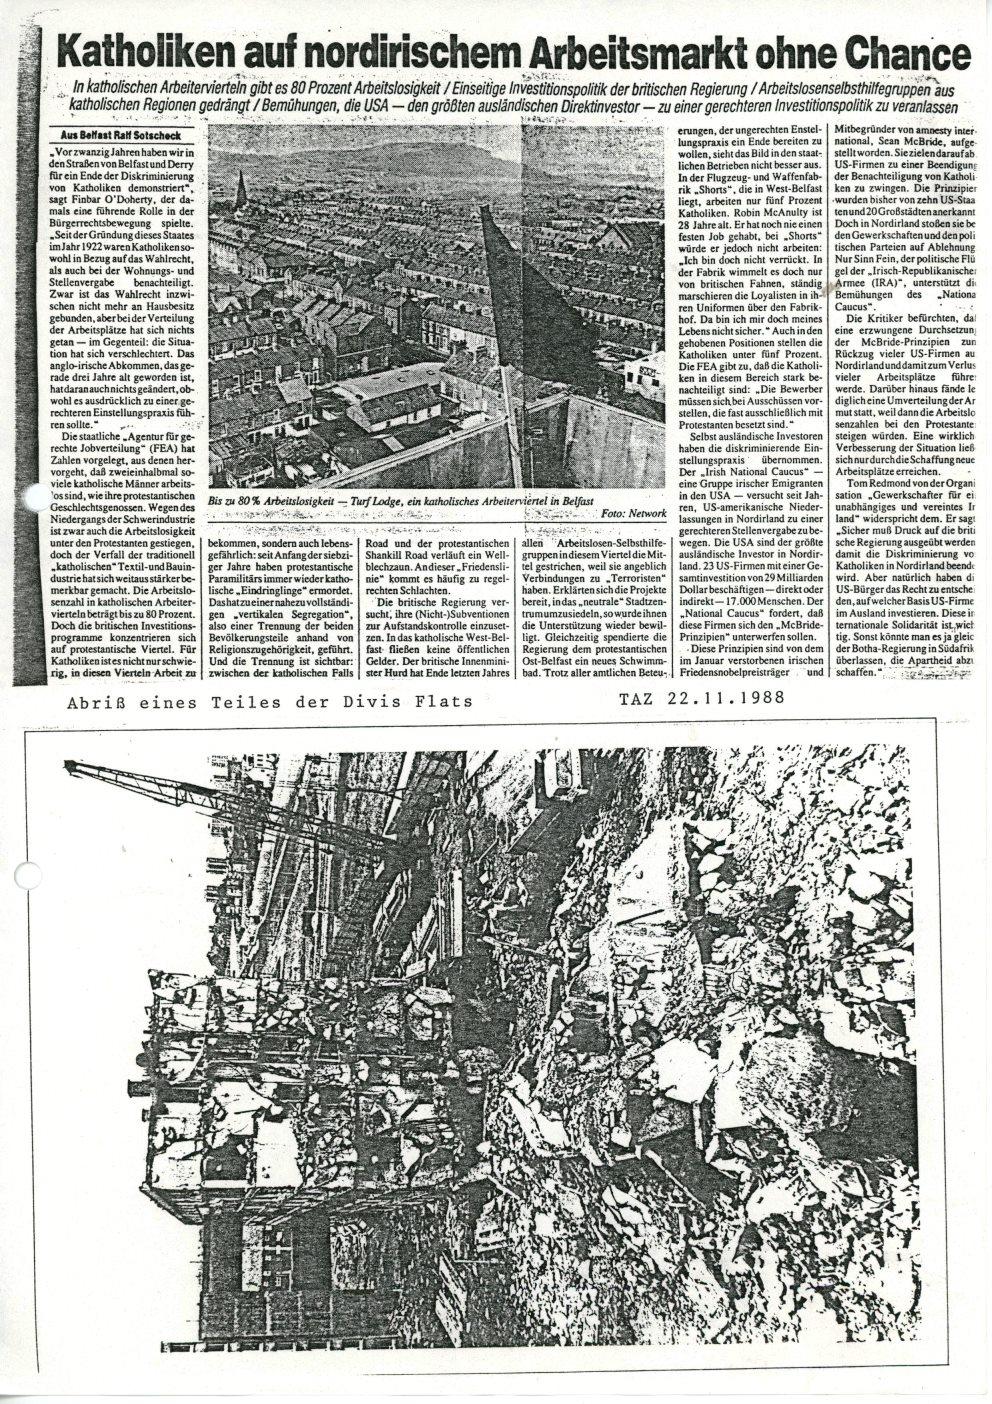 Freiburg_Nordirland_Reader_1988_16